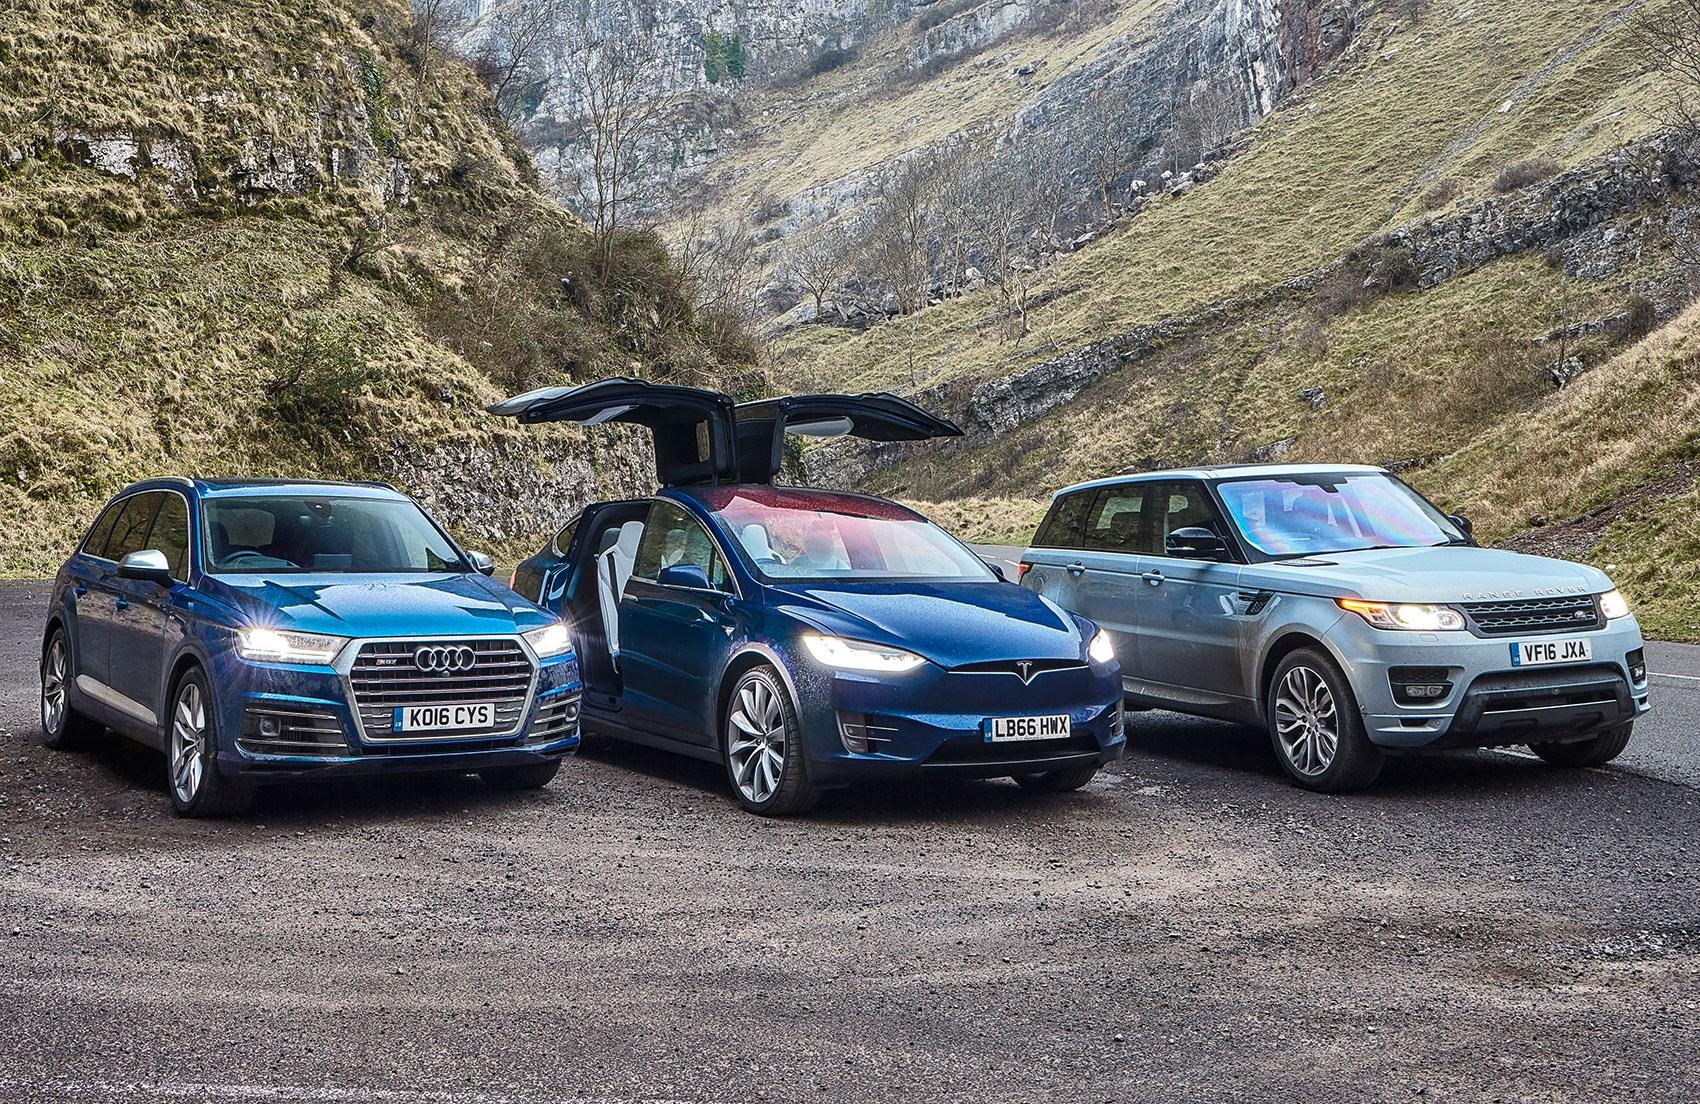 Tesla Model X Vs Audi Q7 Vs Range Rover Sport Triple Test